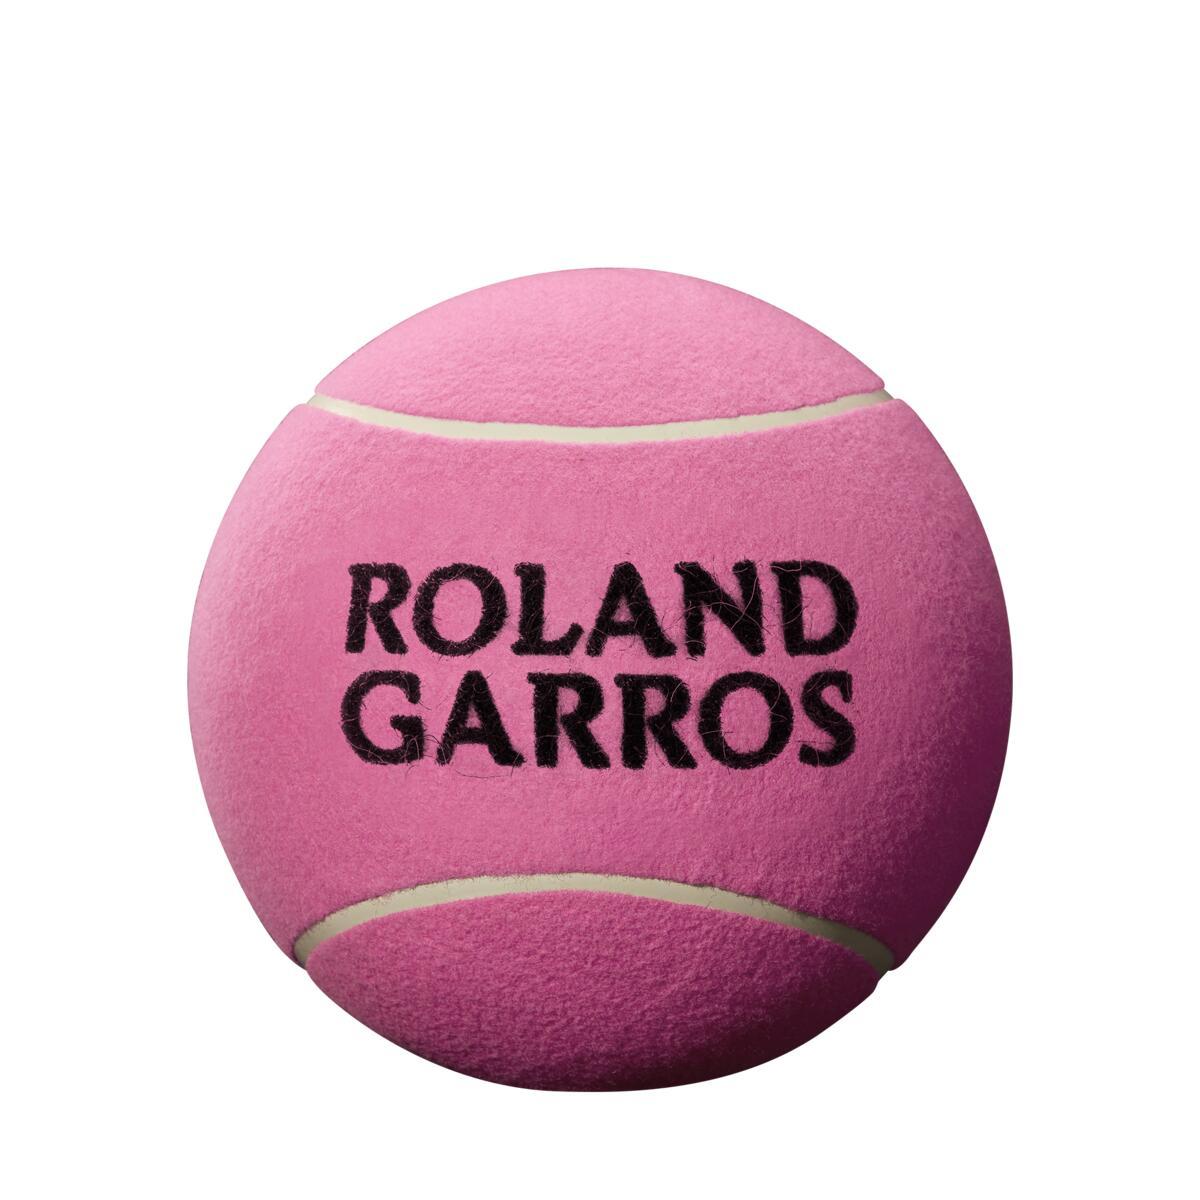 WRT1419PD_0_Roland_Garros_Pink_Jumbo_Ball.png.cq5dam.web.1200.1200